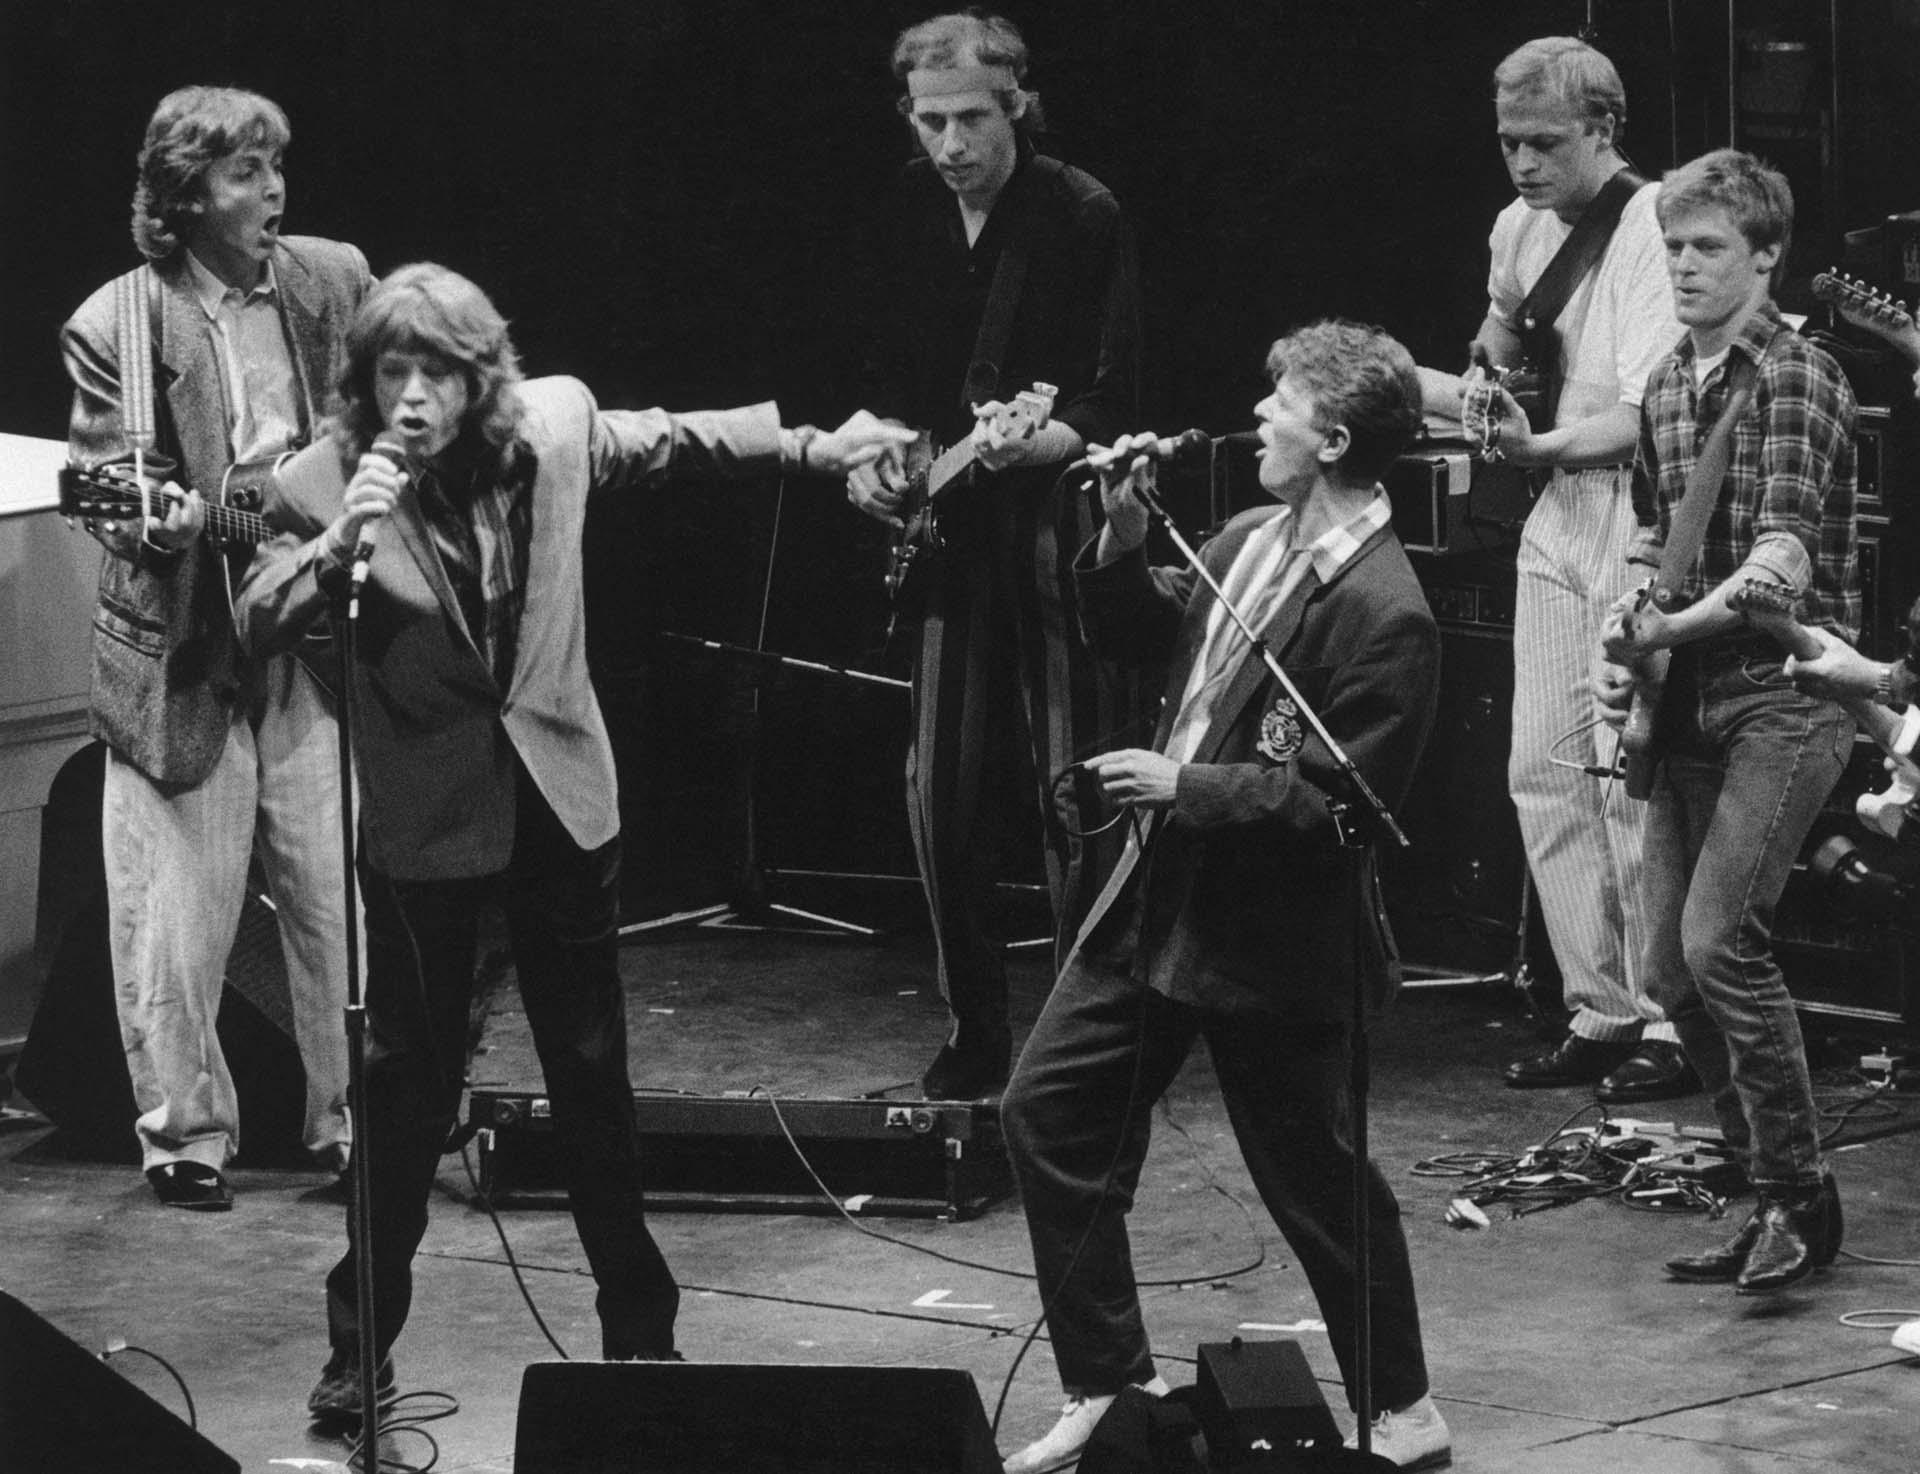 Mick Jagger y David Bowie a dúo con una banda de estrellas en el Prince's Trust Concert, Wembley, el 23 de junio de 1986. De izquierda a derecha: Paul McCartney, Mick Jagger, Mark Knopfler, David Bowie, Mark King y Brian Adams.